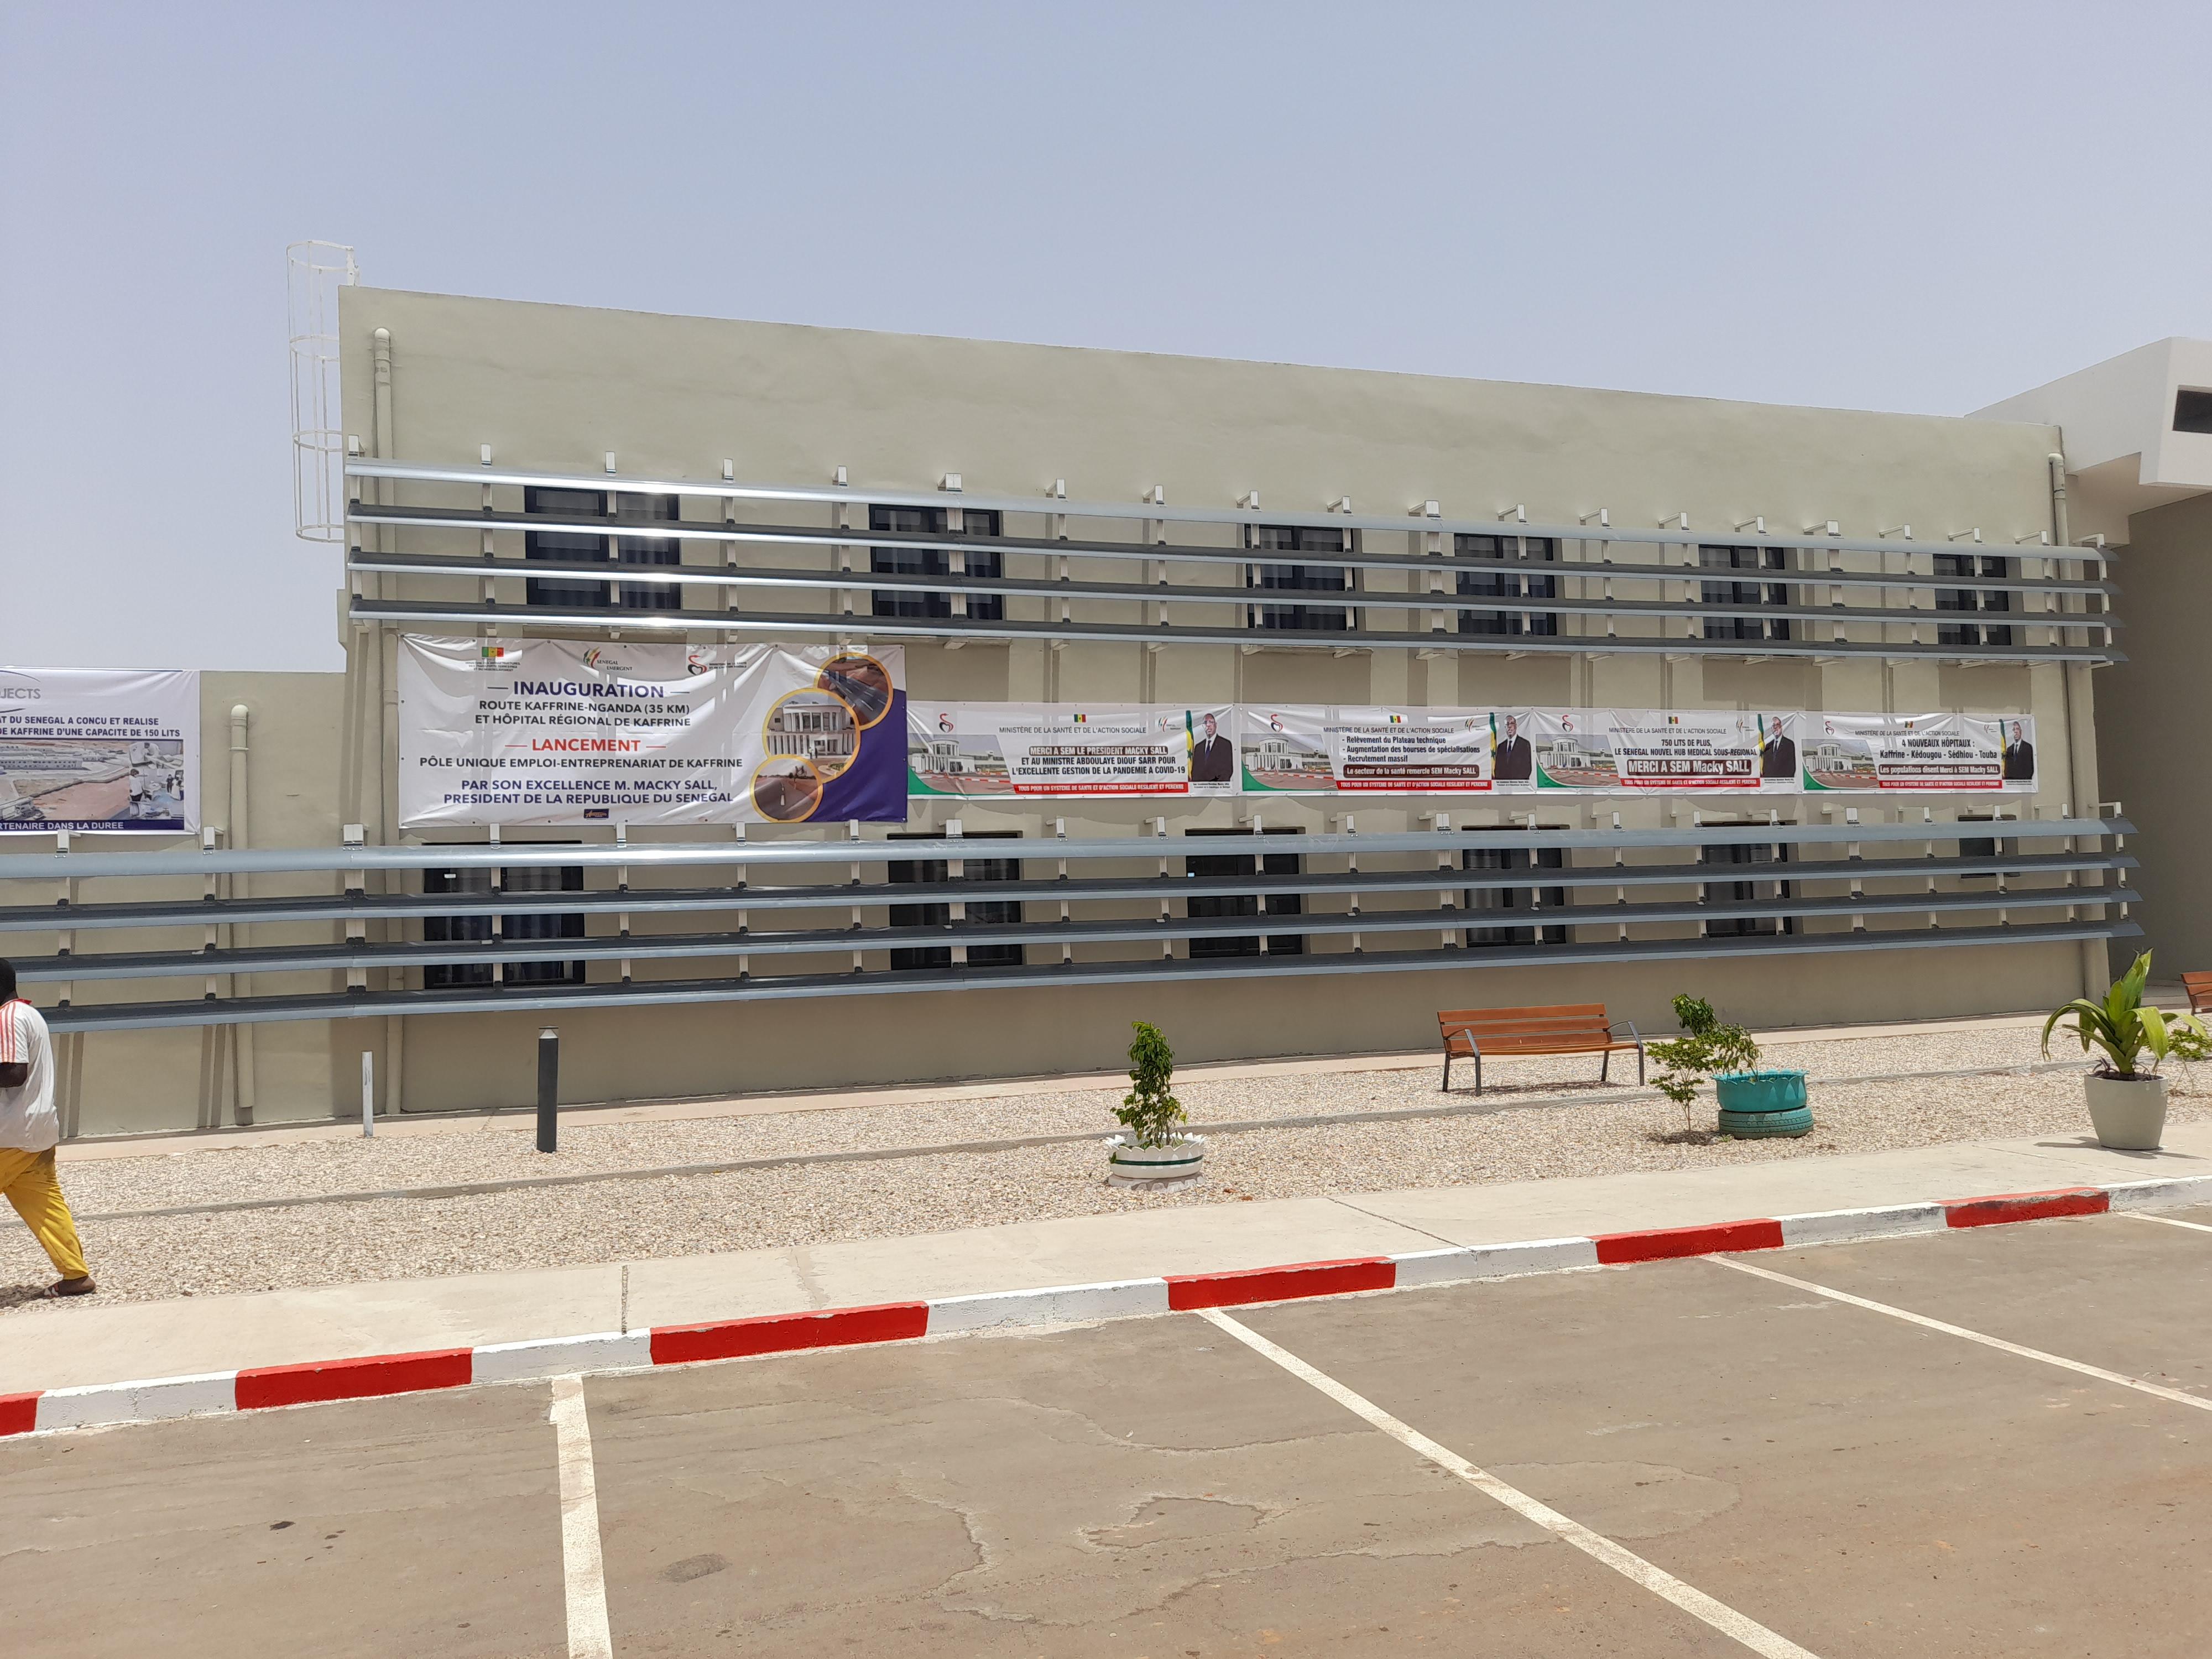 Inauguration de l'hôpital régional de Kaffrine: Tout est fin prêt... (Images)